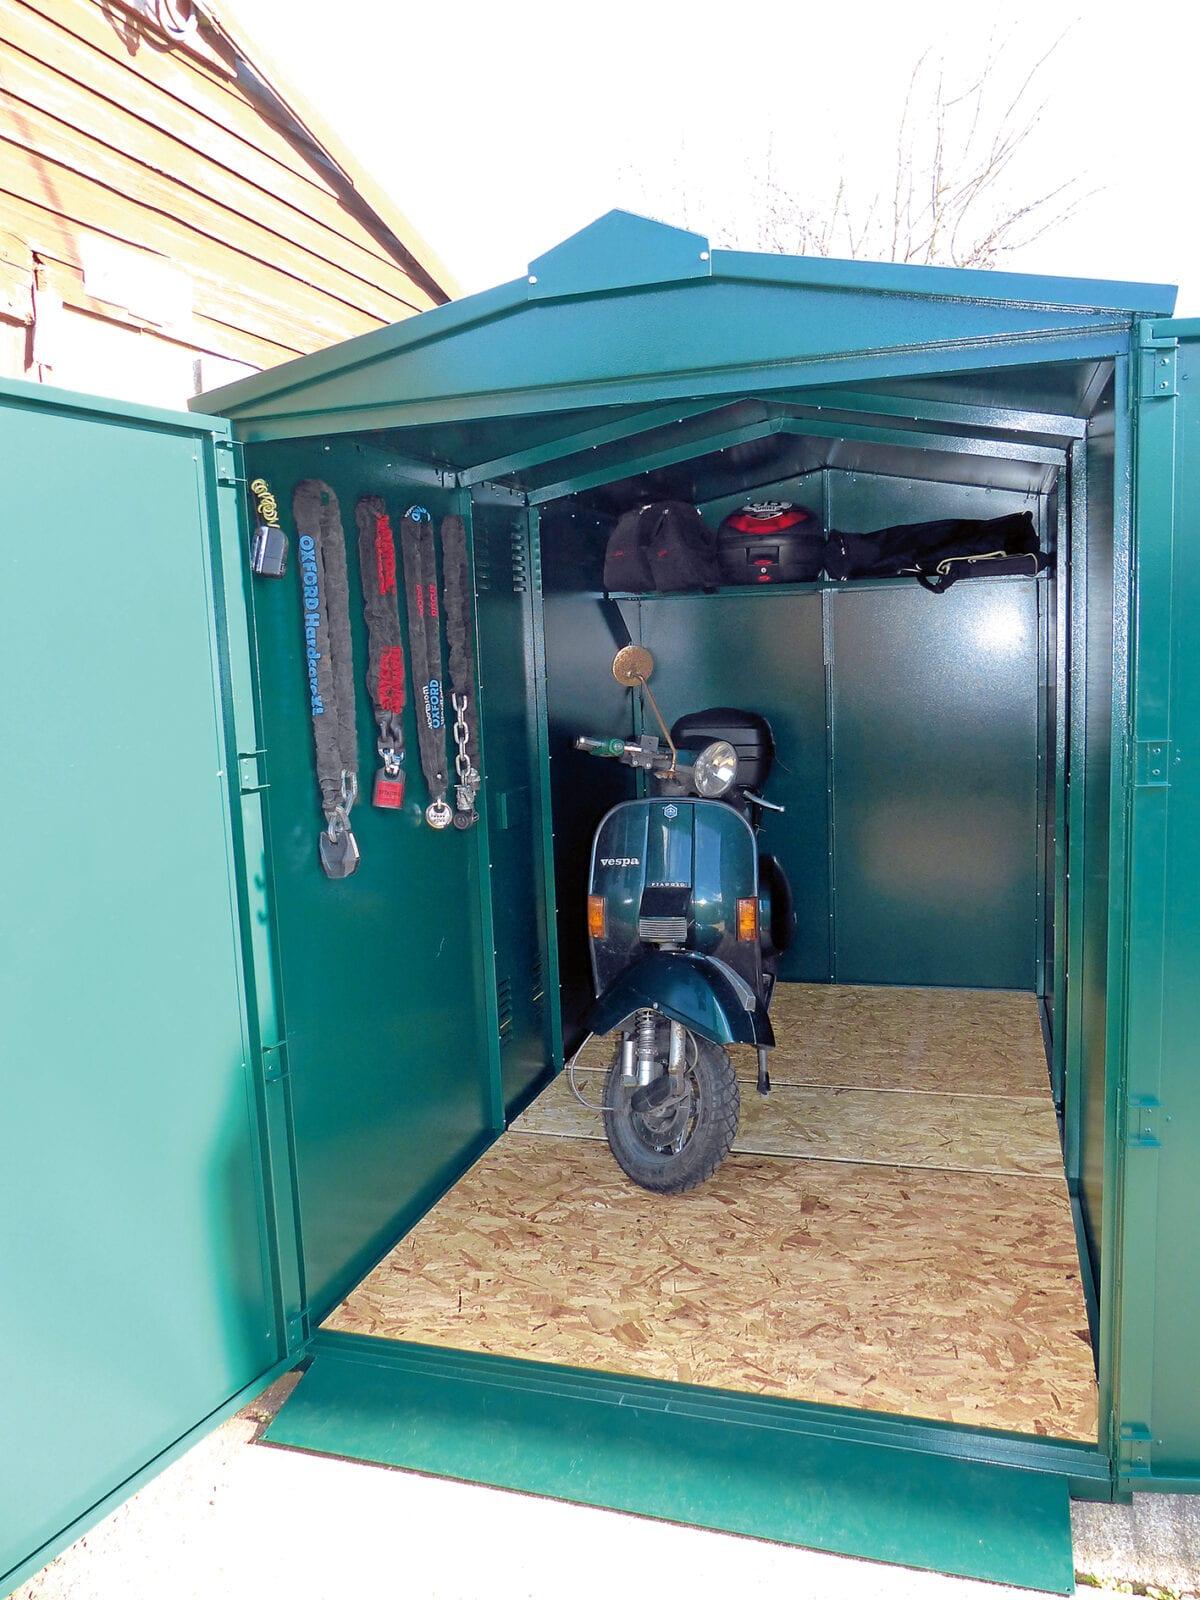 Asgard scooter storage